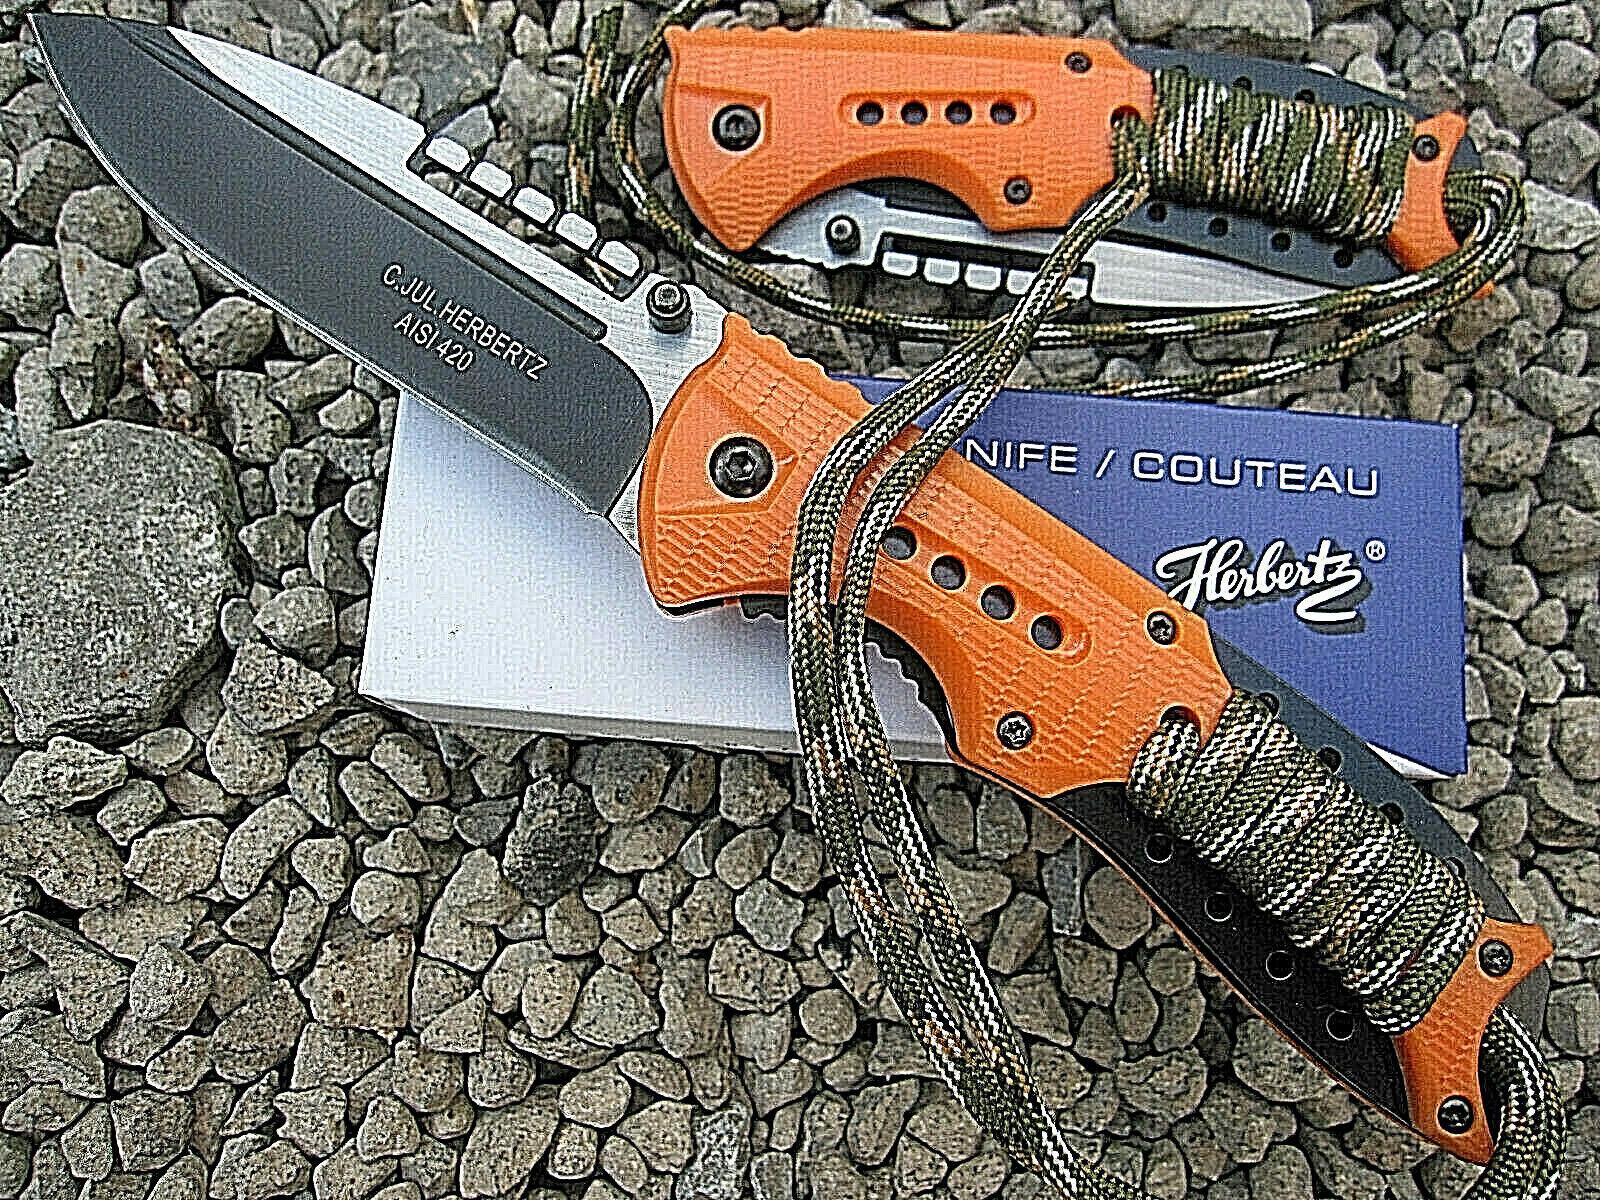 HERBERTZ Einhandmesser Taschenmesser Angler Messer Outdoor Paracord orange